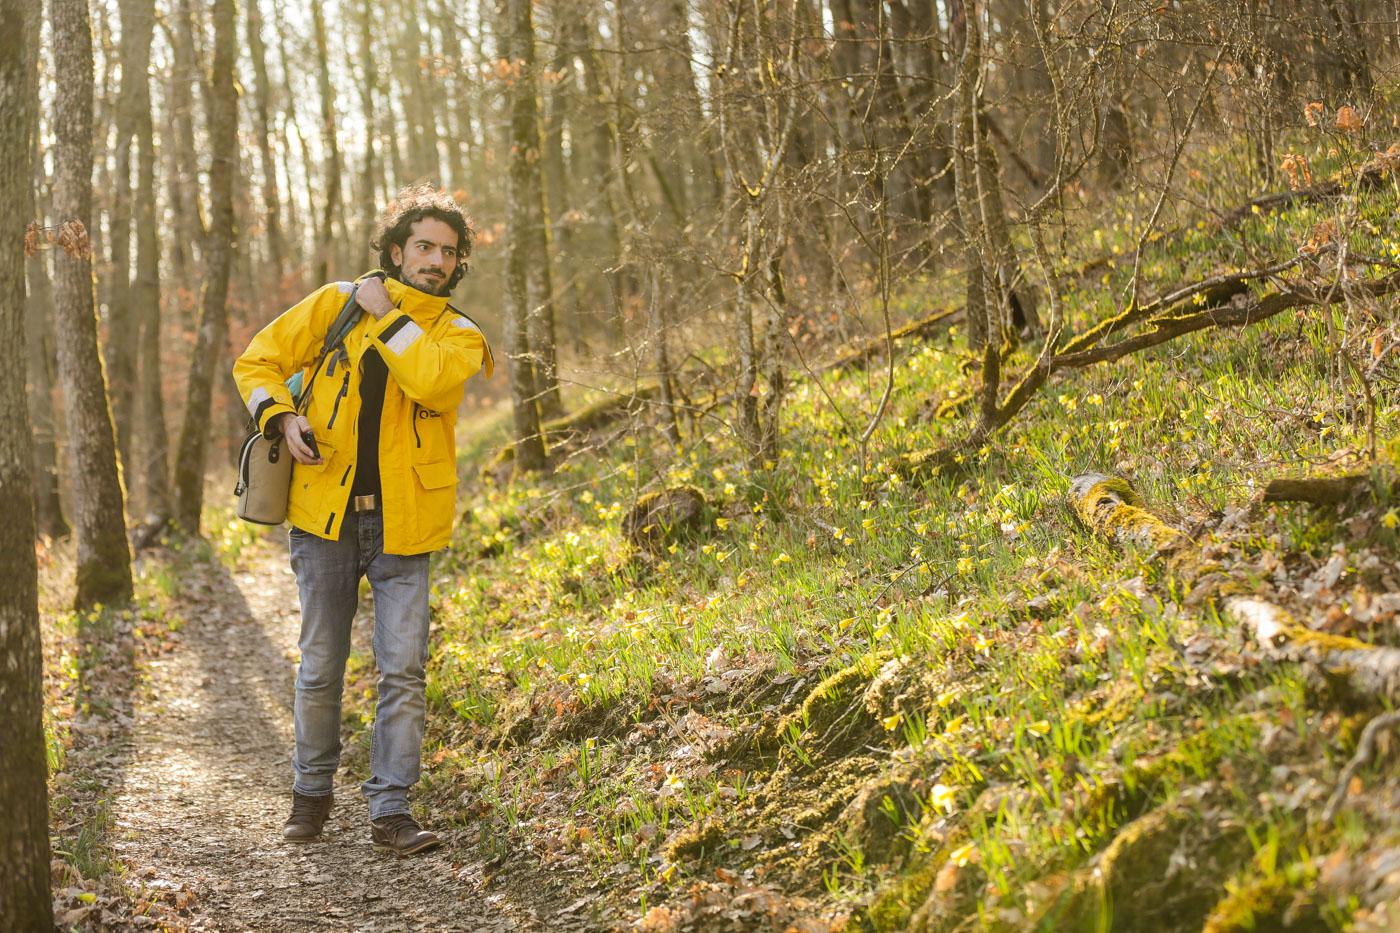 diariesof-daffodils-forest-lellingen-luxembourg-9777